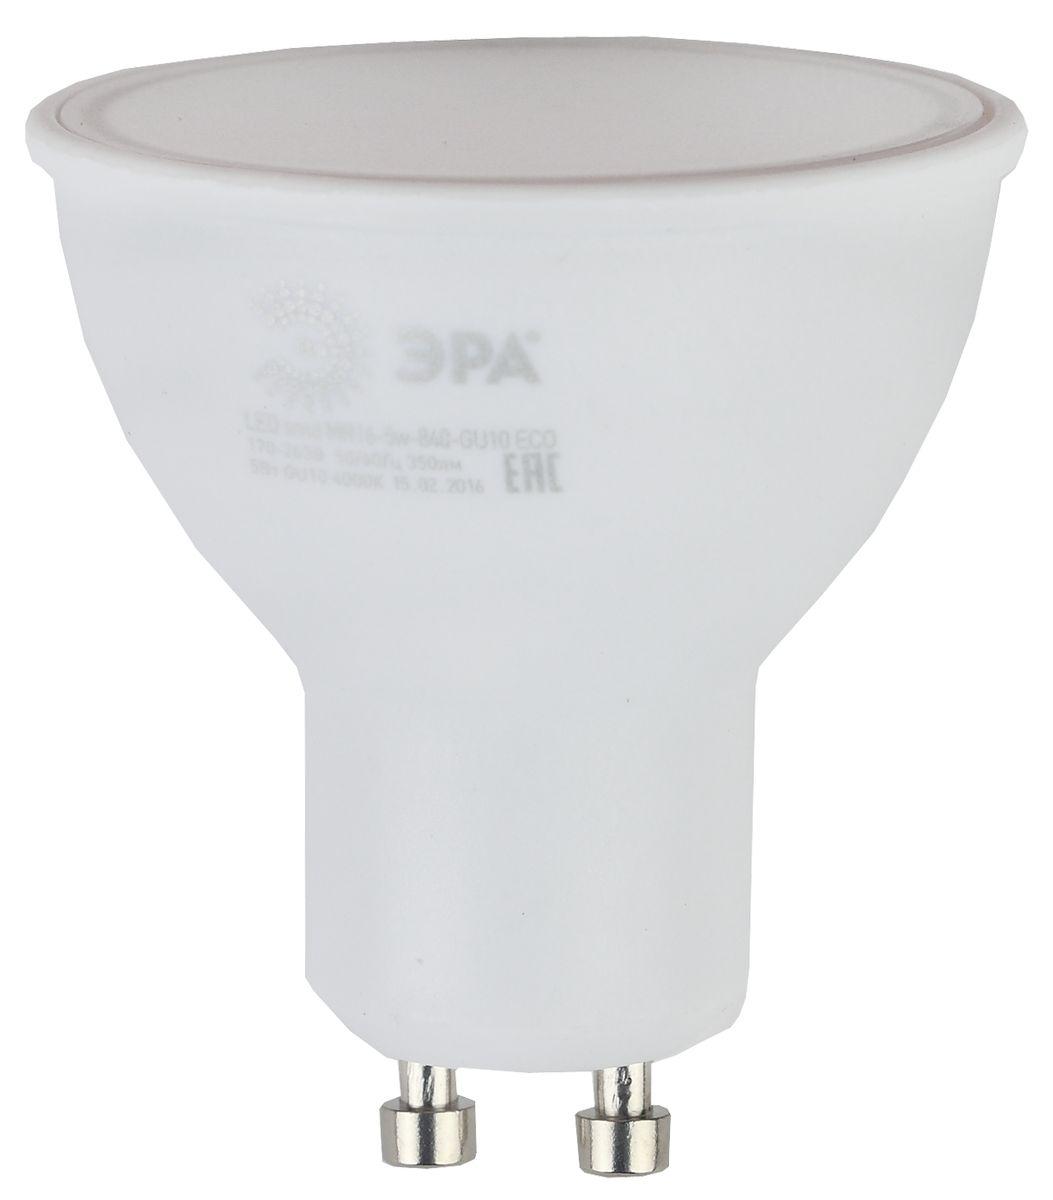 Лампа светодиодная ЭРА, цоколь GU10, 170-265V, 5W, 2700К. Б0019062RSP-202SСветодиодная лампа ЭРА является самым перспективным источником света. Основным преимуществом данного источника света является длительный срок службы и очень низкое энергопотребление, так, например, по сравнению с обычной лампой накаливания светодиодная лампа служит в среднем в 50 раз дольше и потребляет в 10-15 раз меньше электроэнергии. При этом светодиодная лампа практически не подвержена механическому воздействию из-за прочной конструкции и позволяет получить любой цвет светового потока, что, несомненно, расширяет возможности применения и позволяет создавать новые решения в области освещения.Особенности серии Eco:Предназначена для обычного потребителяЦена ниже, чем цена компактной люминесцентной лампыСветовая отдача источников света - 70-80 лм/ВтСрок службы составляет 25000 часовГарантия - 1 год. Работа в цепи с выключателем с подсветкой не рекомендована.